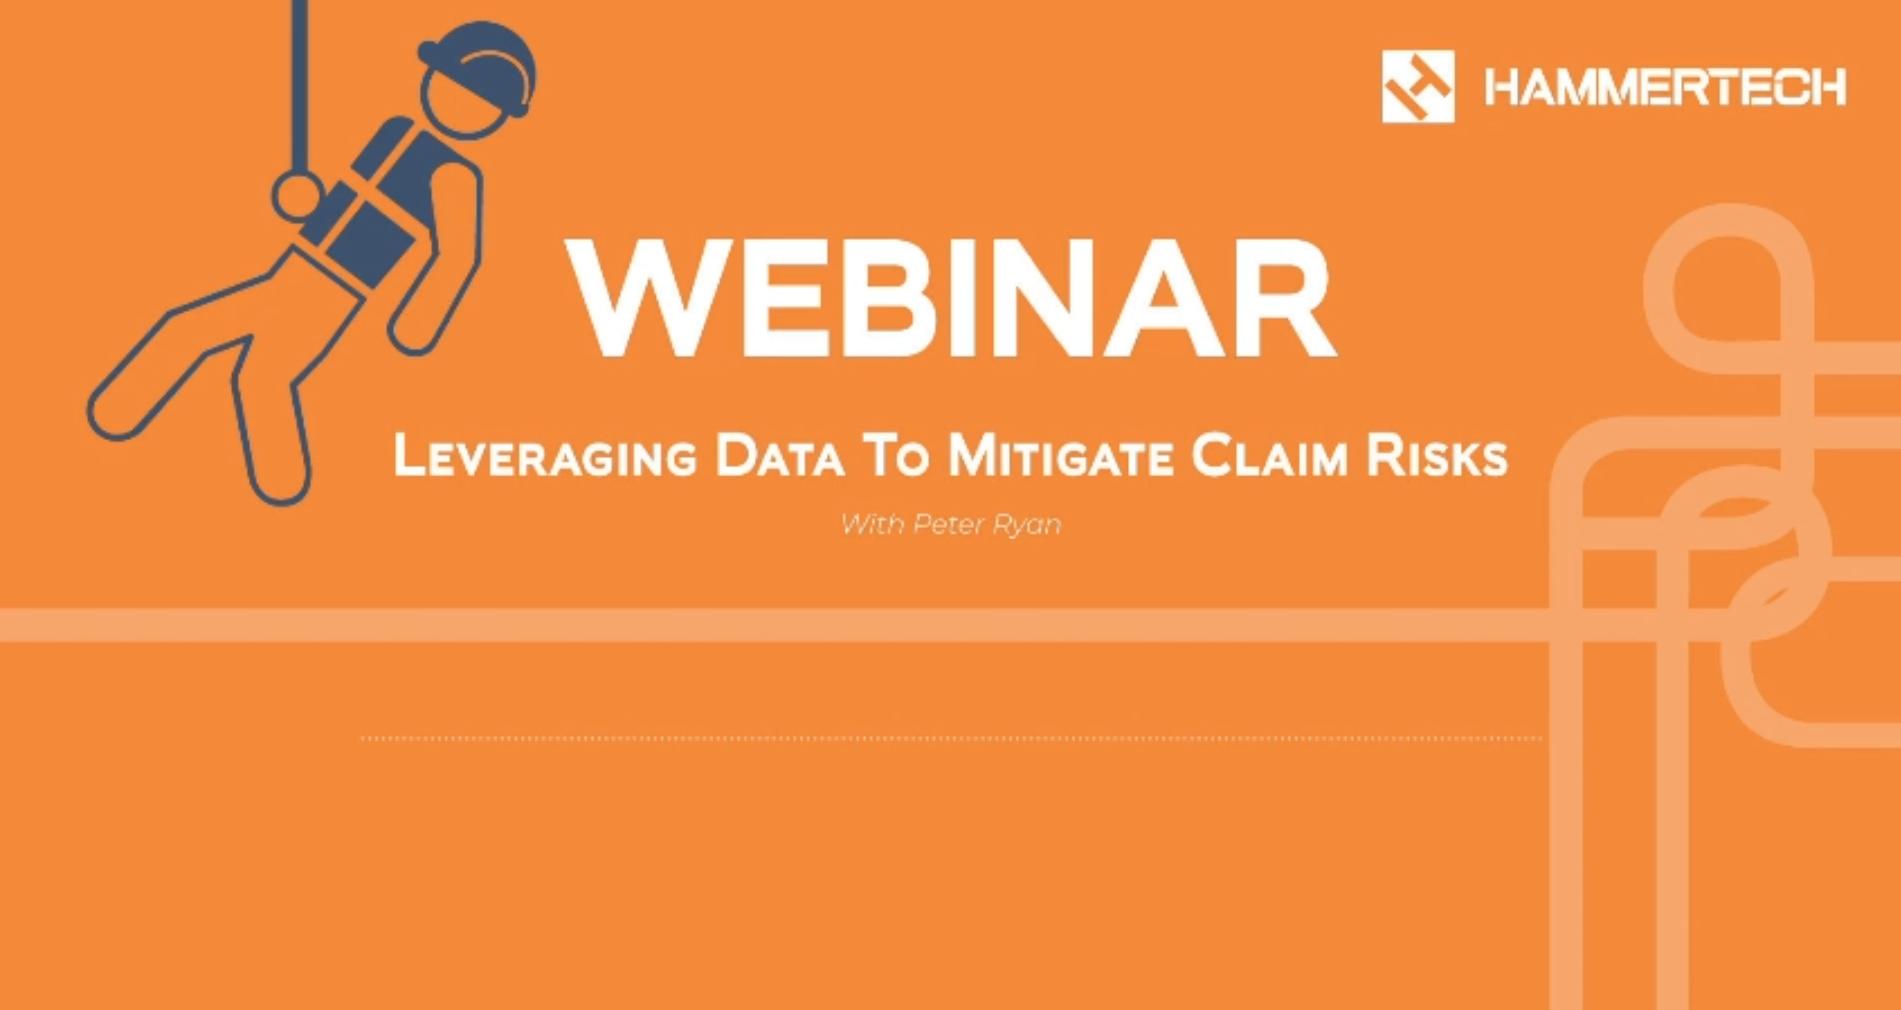 Leveraging Data to Mitigate Claim Risks